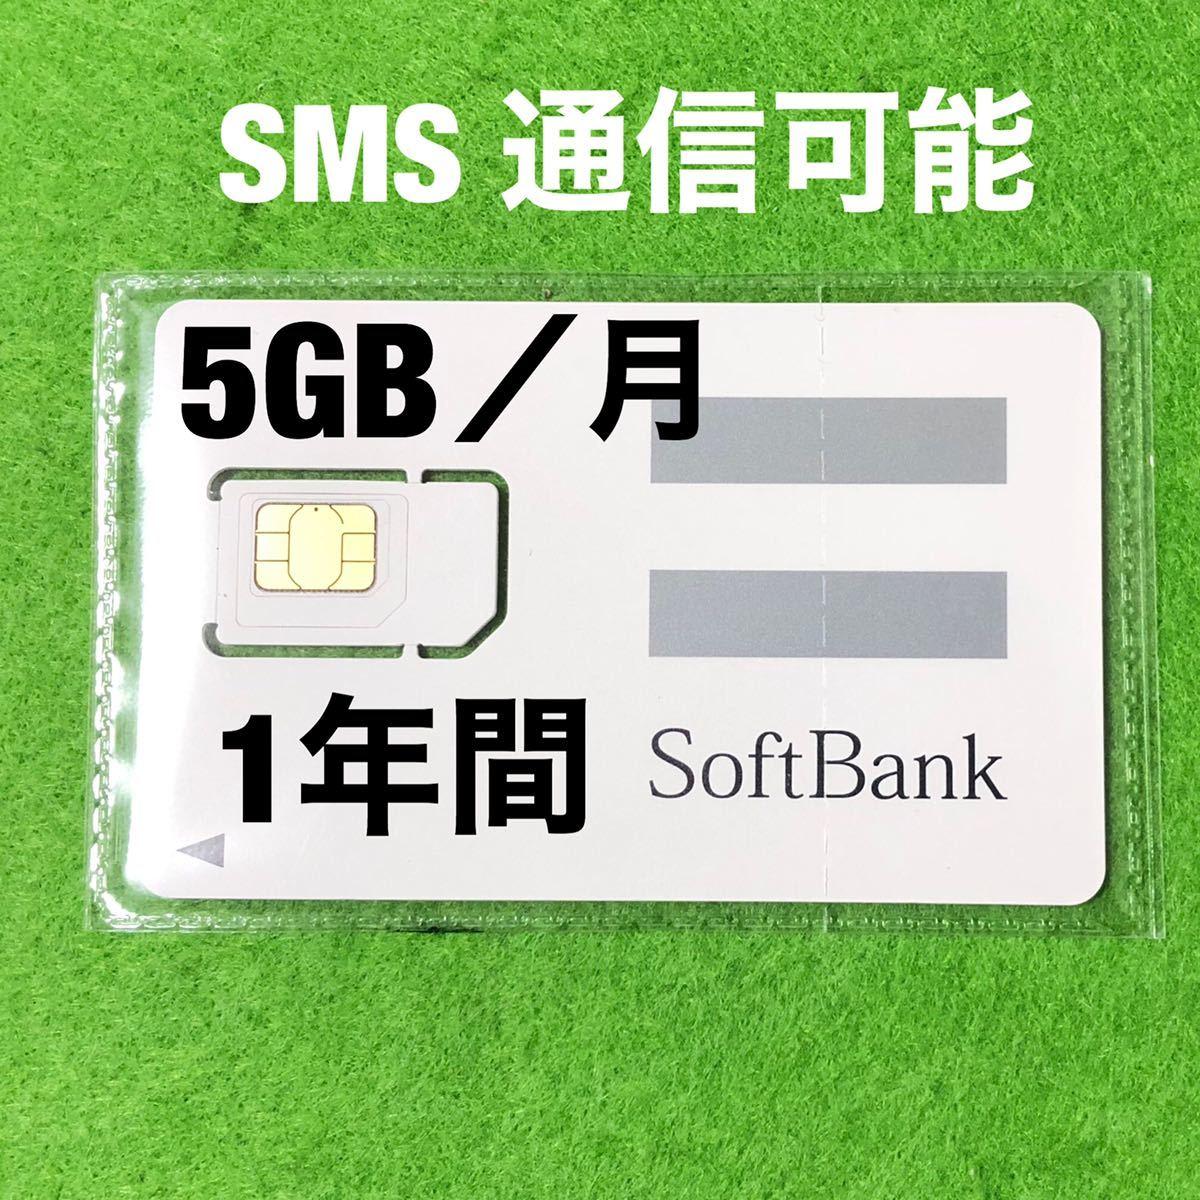 SoftBank 5GB プリペイド データ カード SIM 通信 高速8_画像1